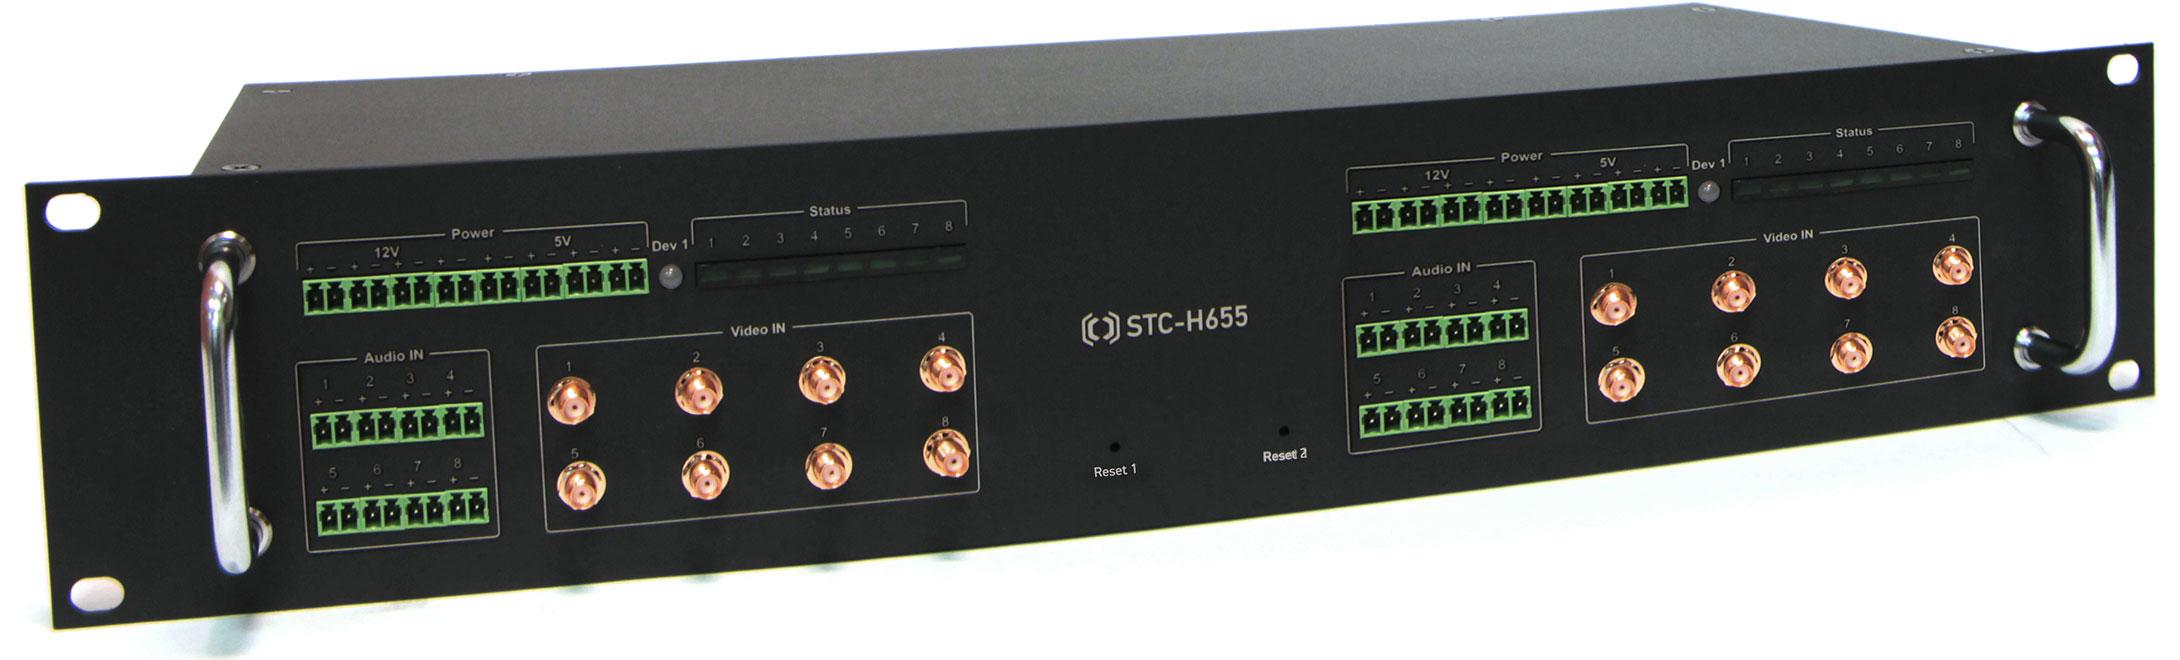 Многоканальный аудиовидеорегистратор STC-H655 16 каналов